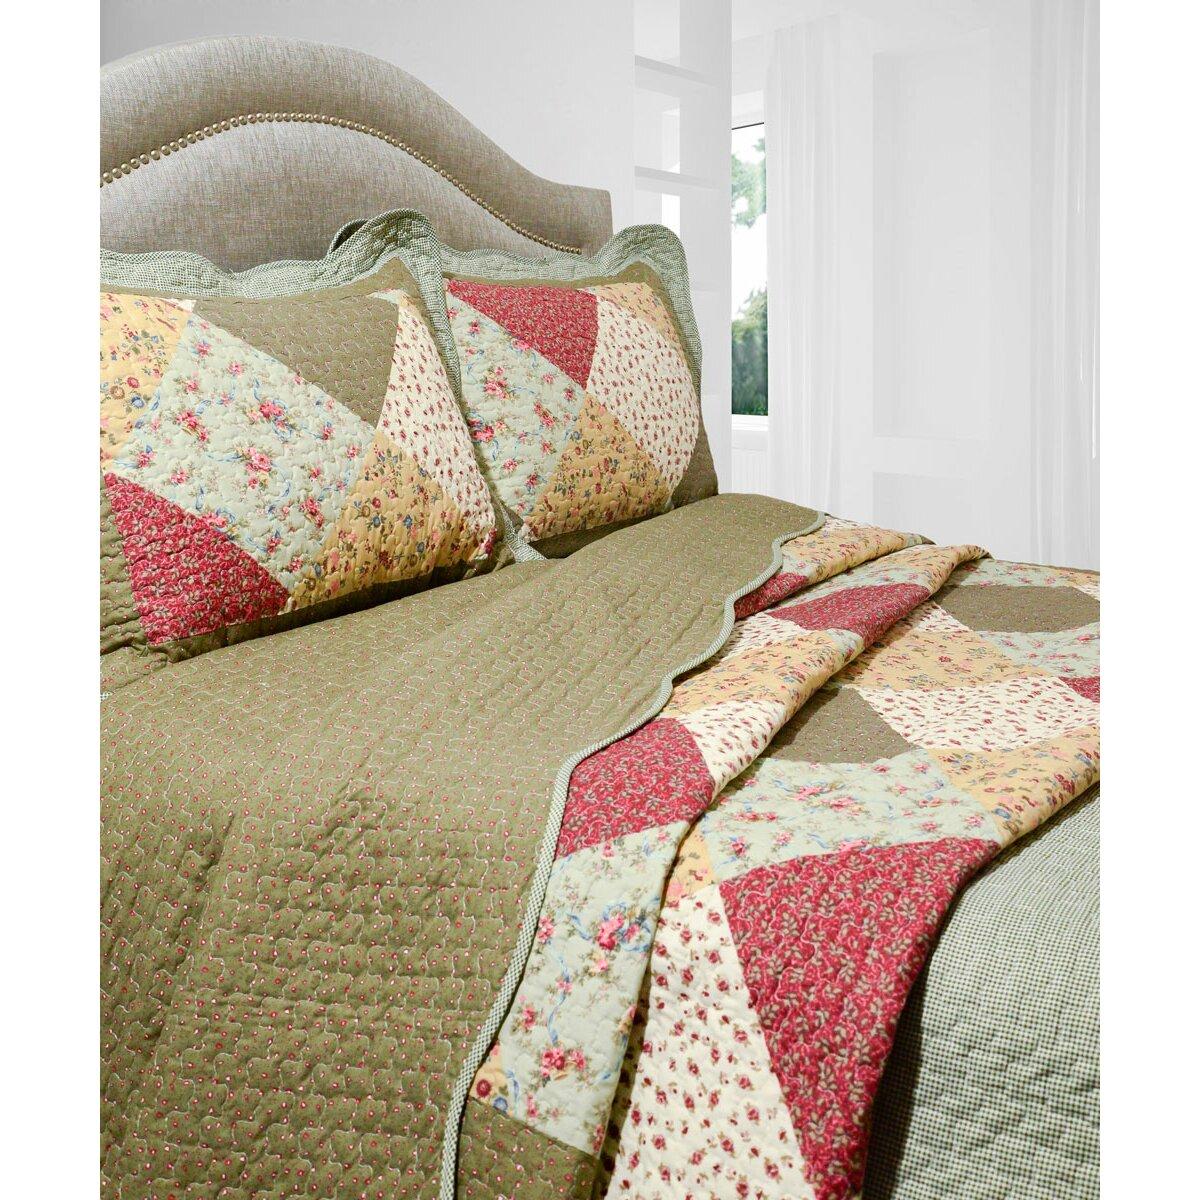 Bed sheet set with quilt - Vintage Oakridge 3 Piece Quilt Set